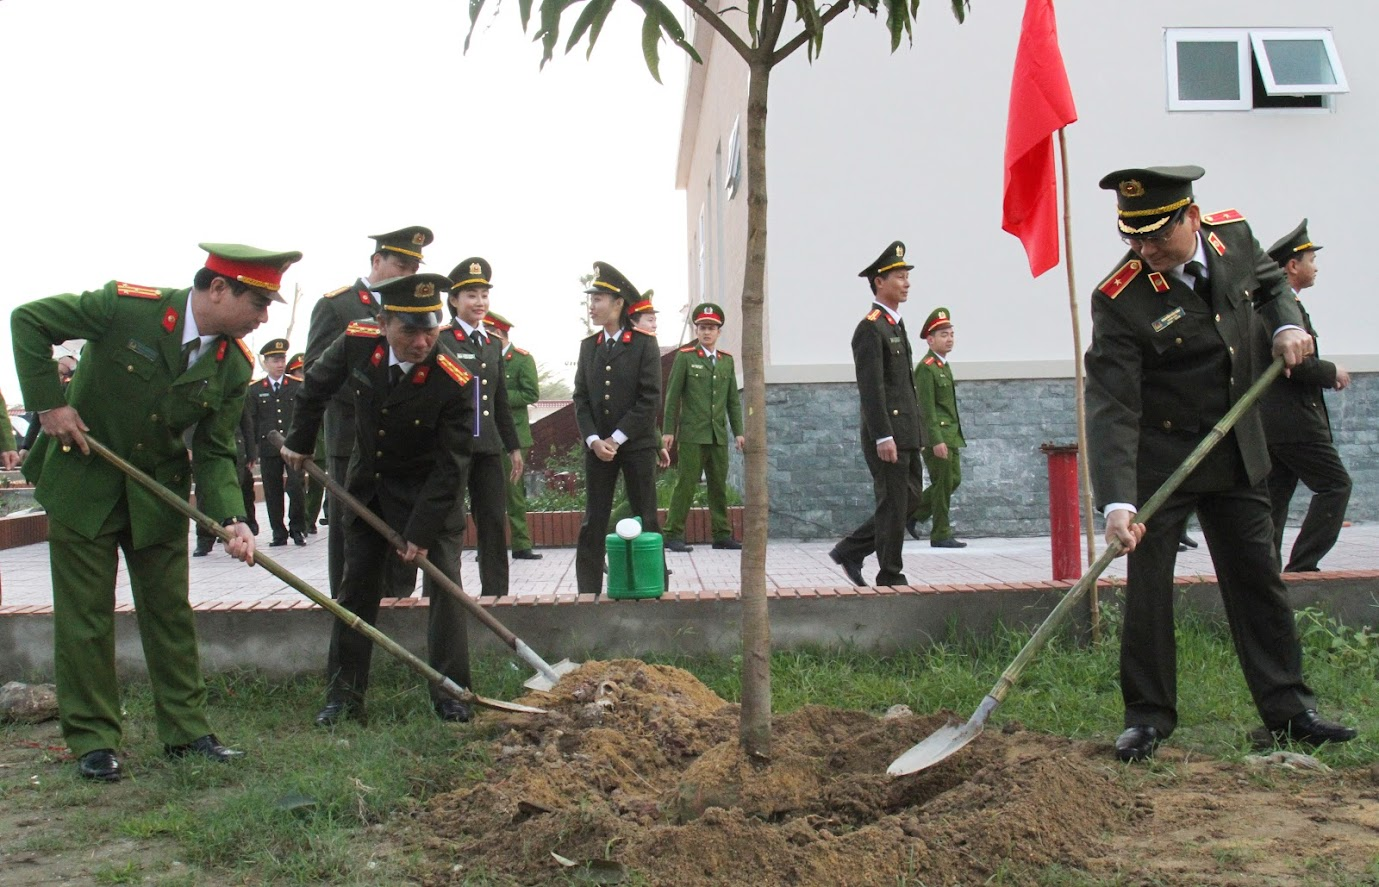 Đồng chí Thiếu tướng Nguyễn Hữu Cầu – Giám đốc Công an tỉnh tham gia trồng cây